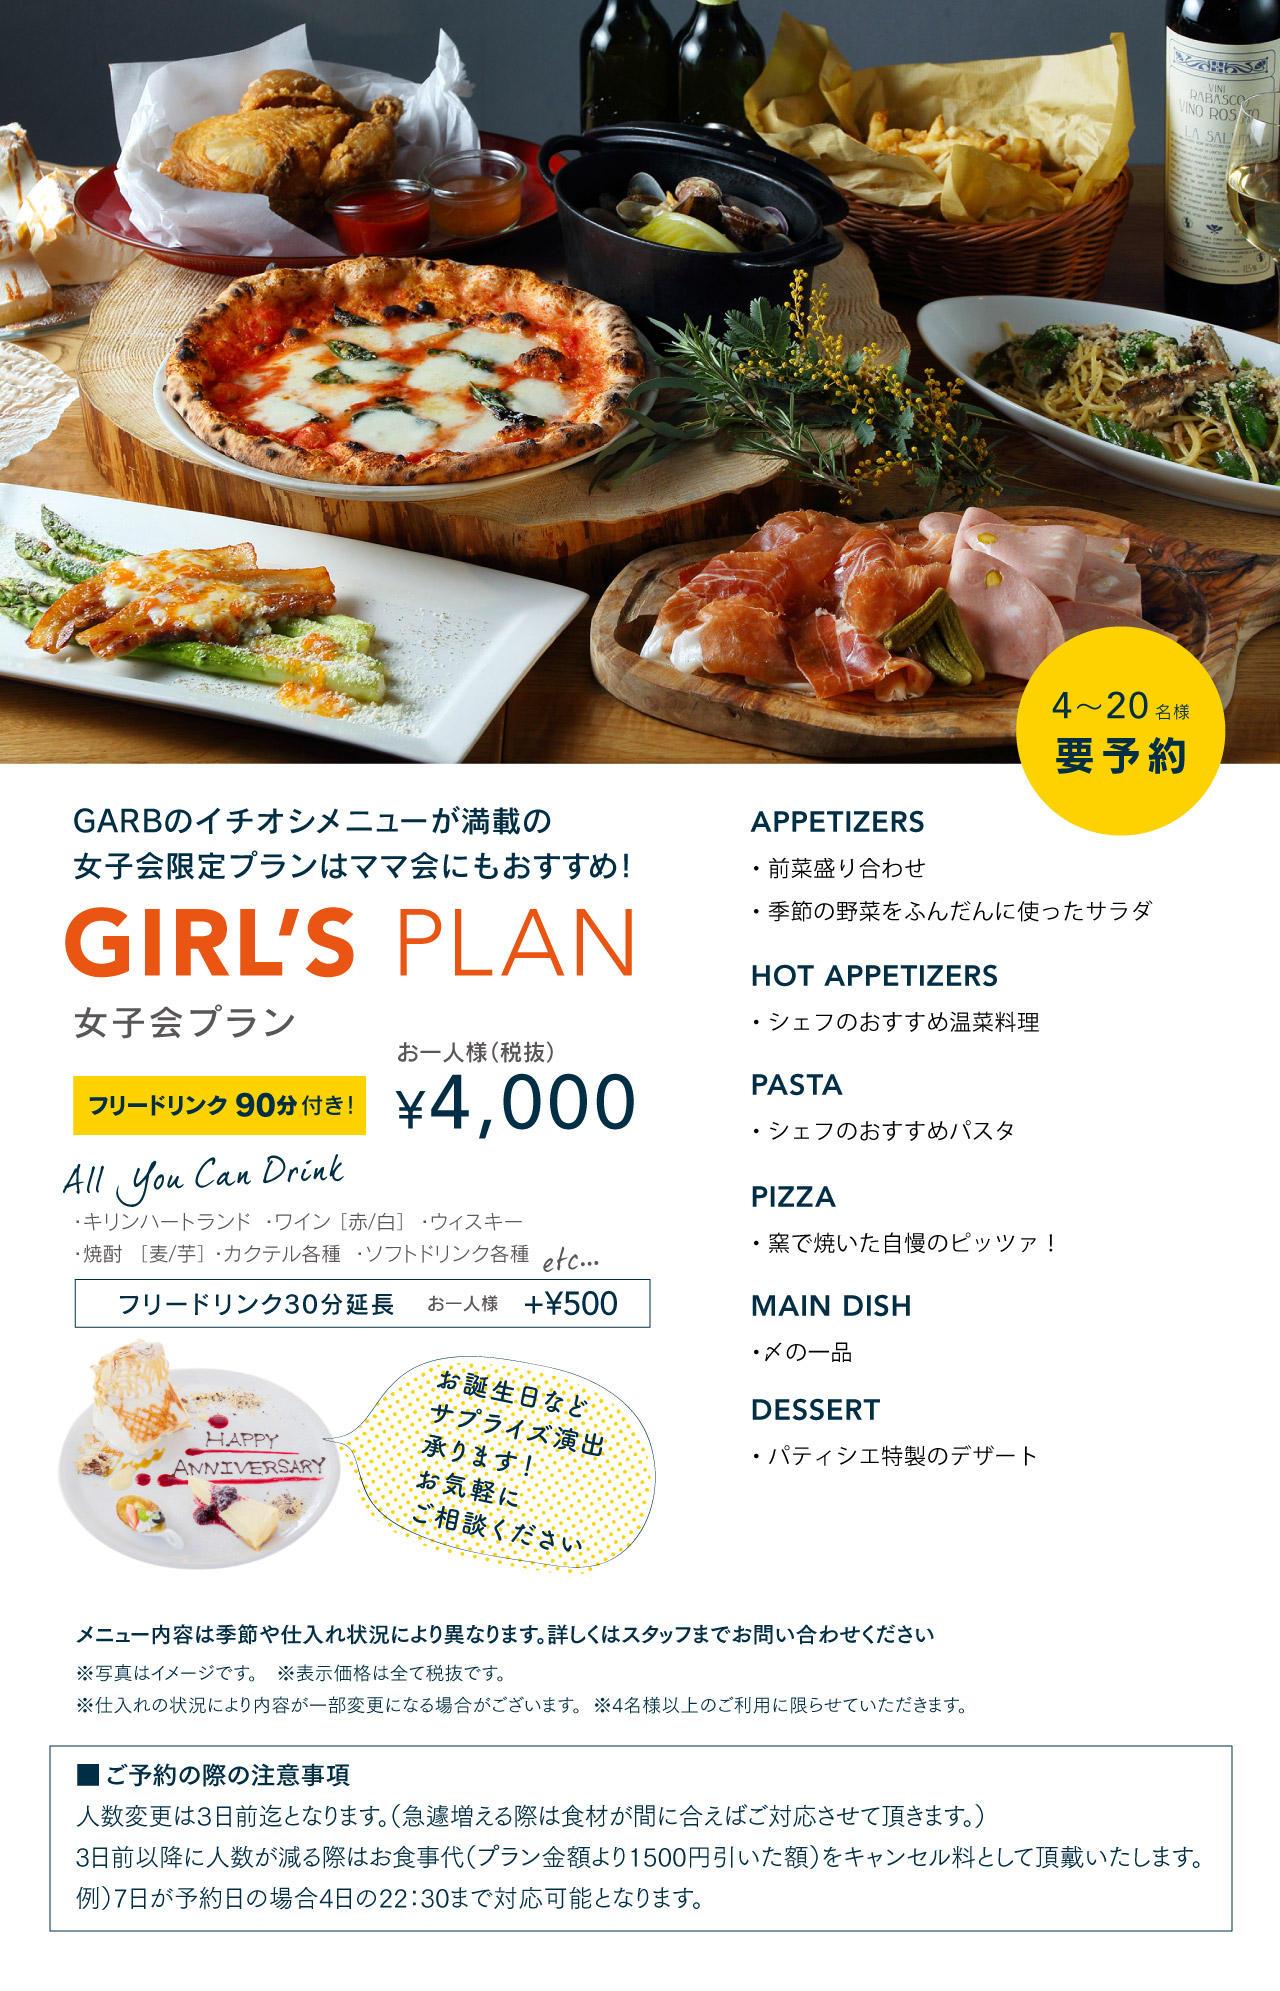 girlsplan.jpg